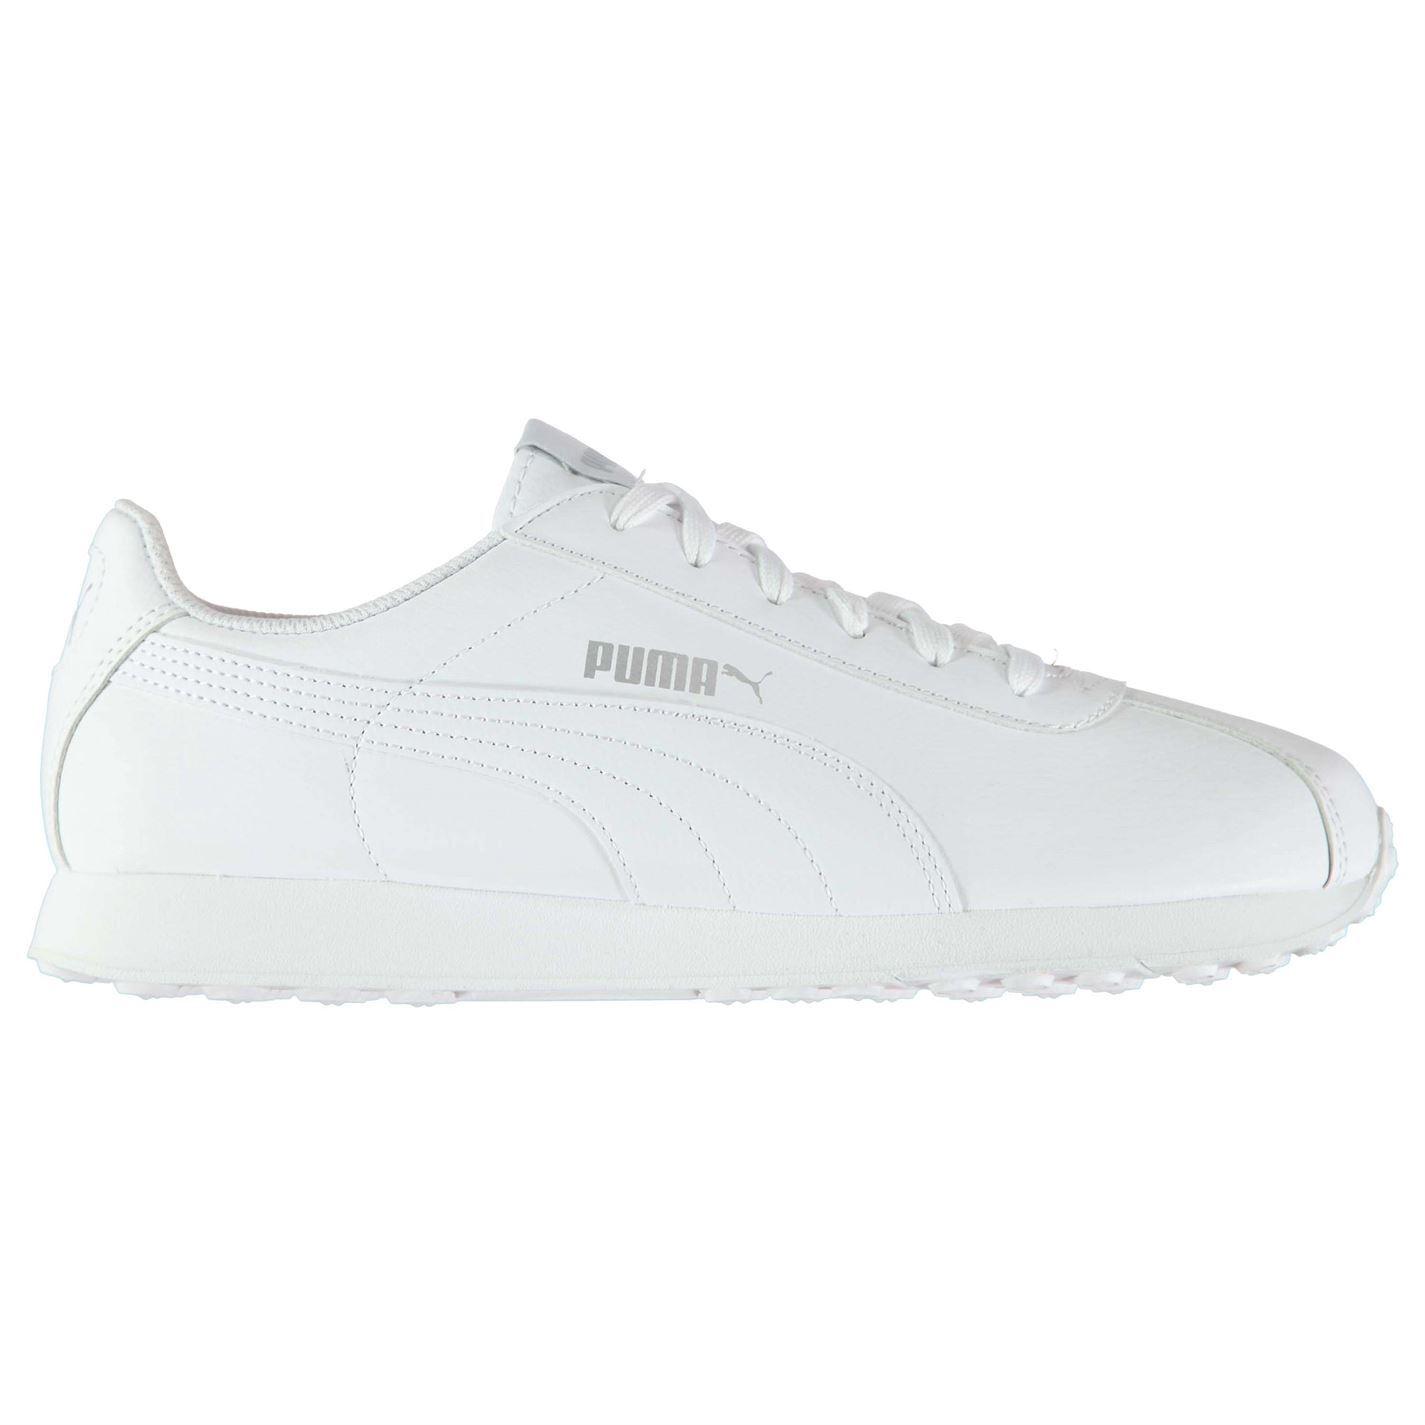 0385b8d78 ... Puma Hombre caballeros Turín formadores zapatos cordones cordones  cordones sujetan calzado gran descuento 404bdb